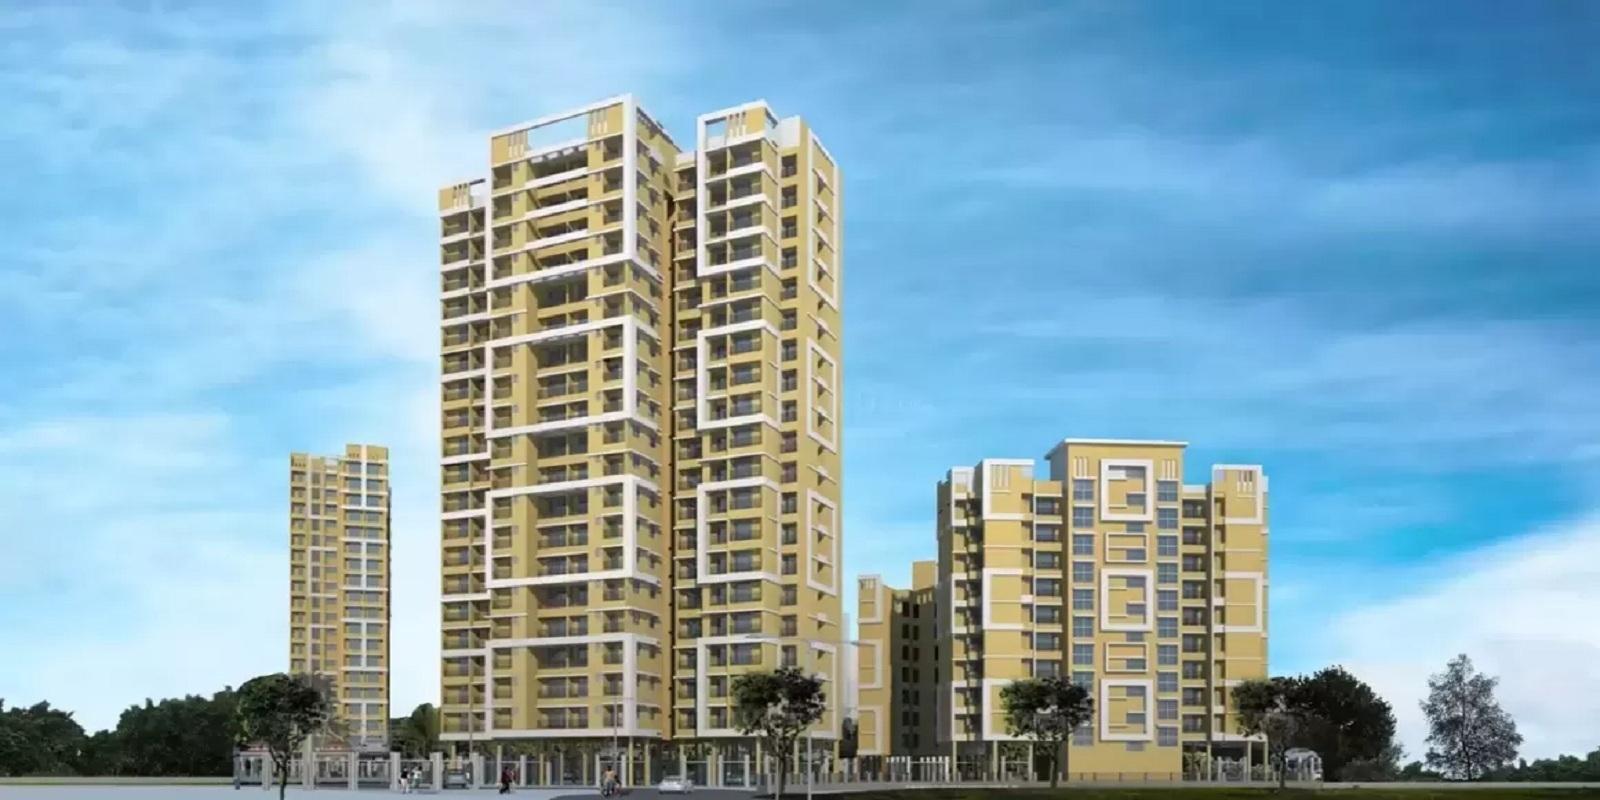 rajaram sukur enclave d wing project large image2